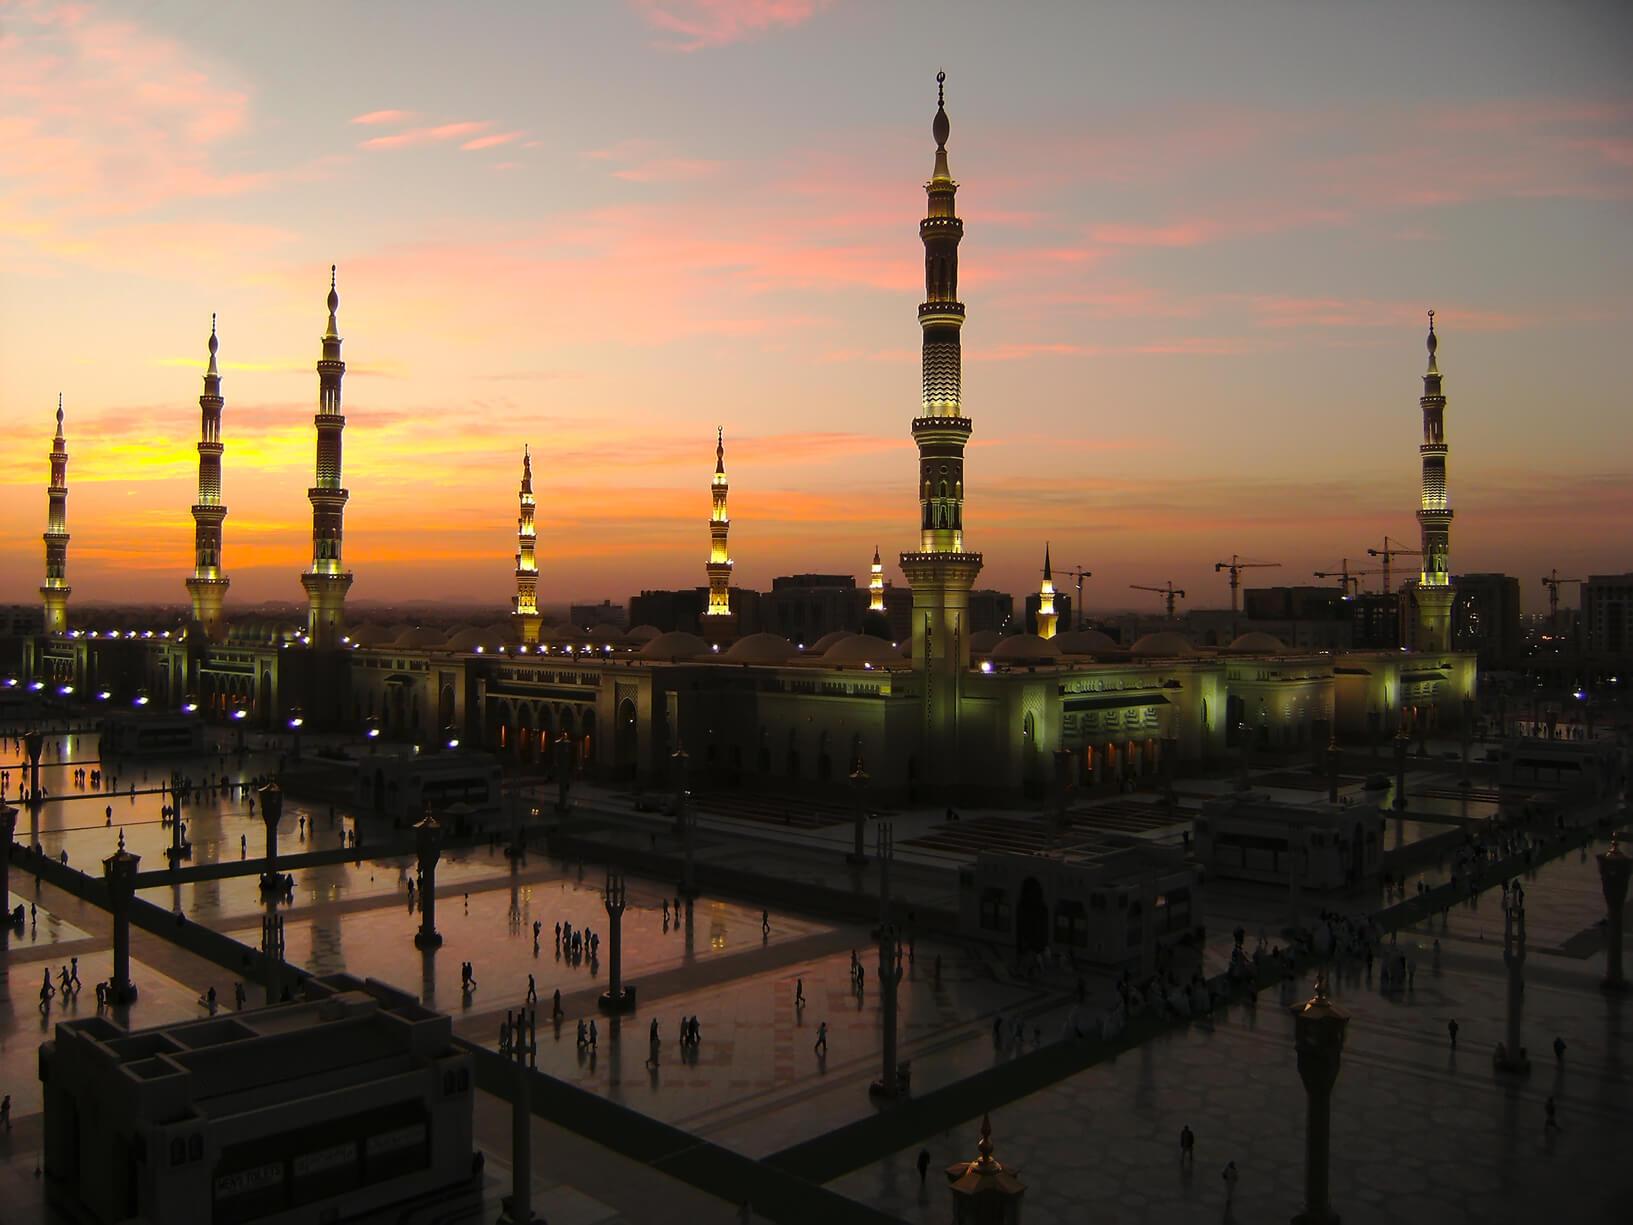 Bucharest, Romania to Jeddah, Saudi Arabia for only €243 roundtrip